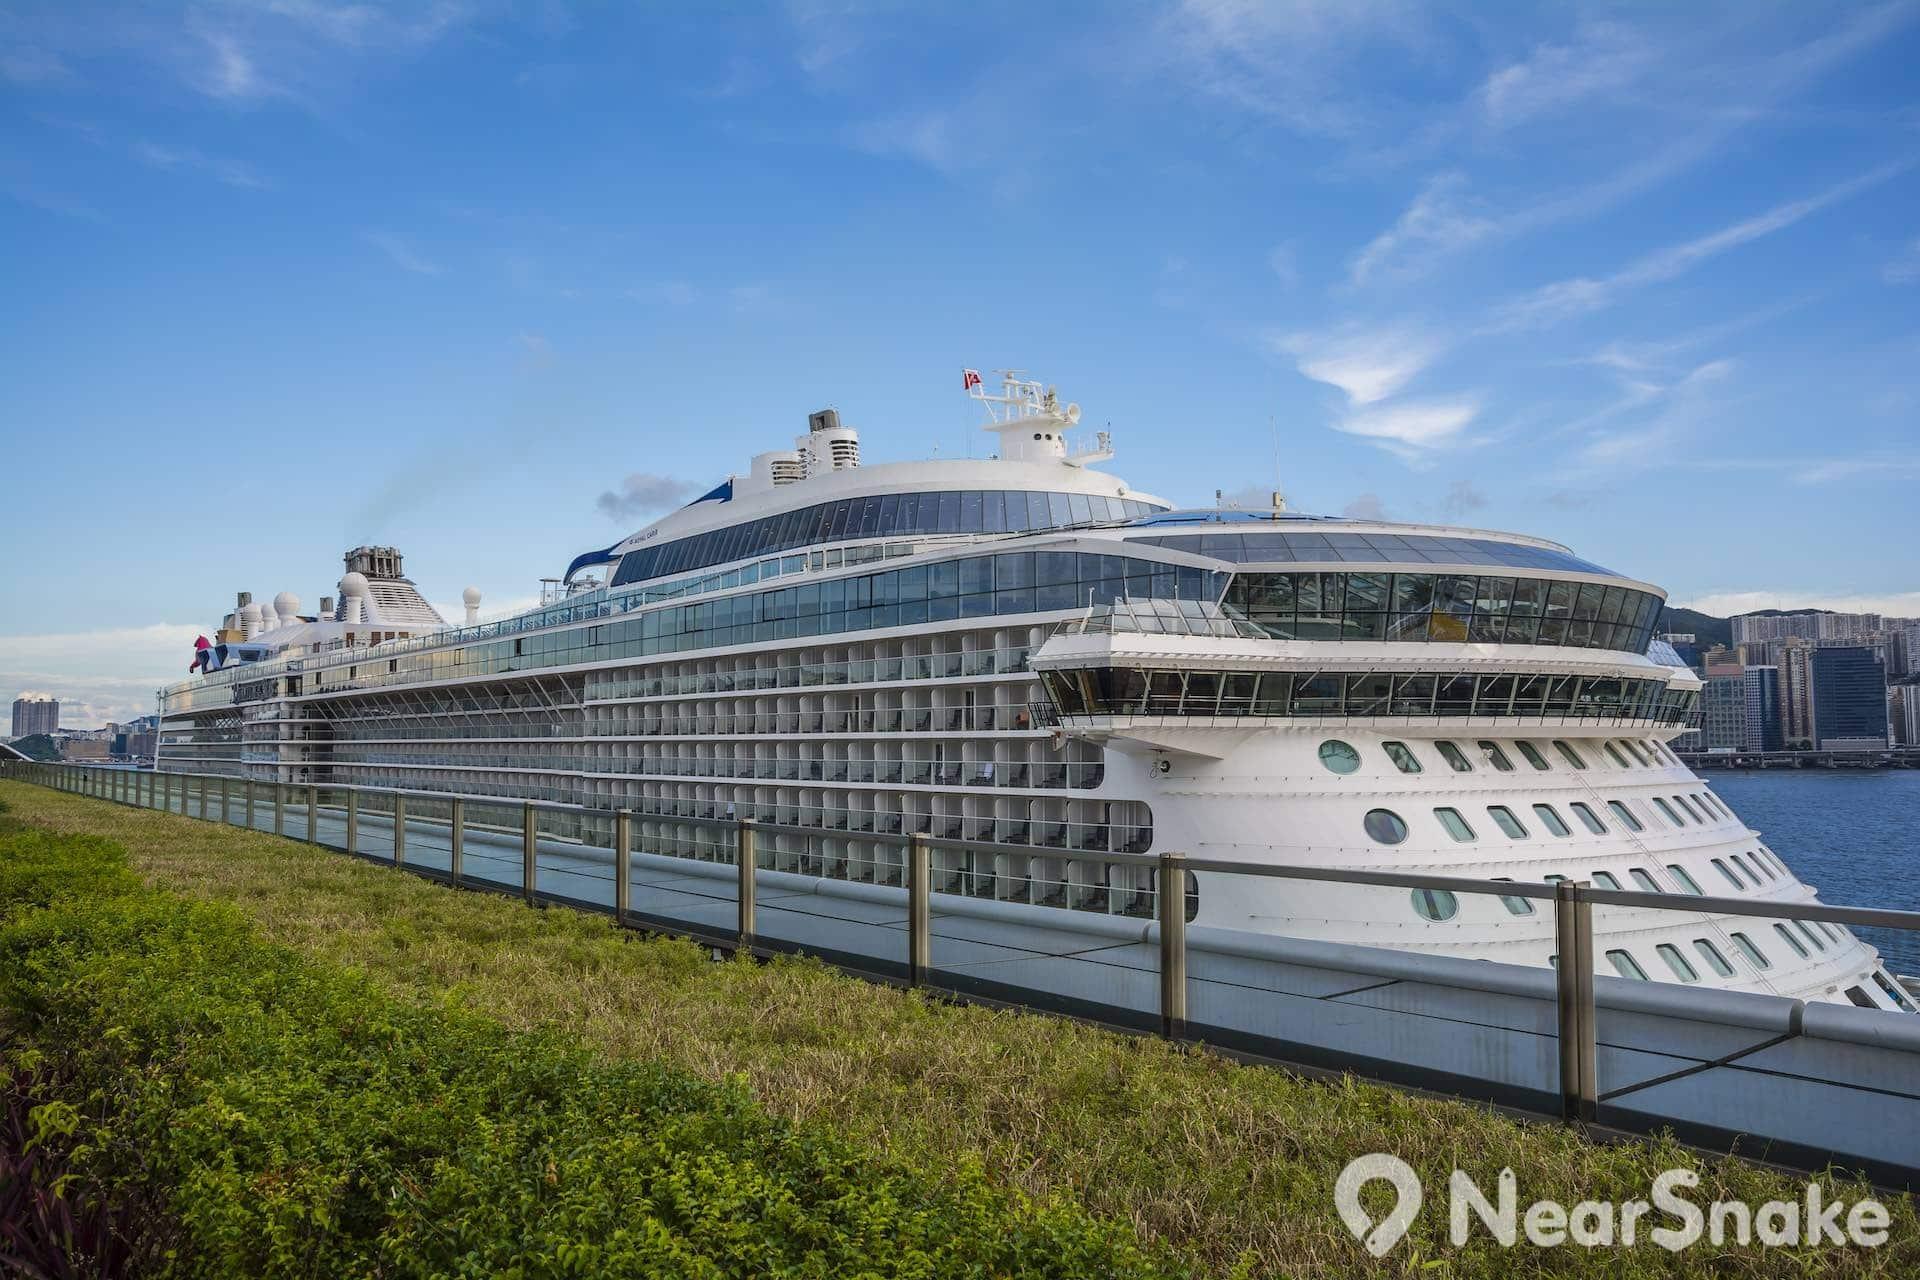 海洋量子號曾於 2015 年停靠啓德郵輪碼頭,它是全球第四大超豪郵輪。